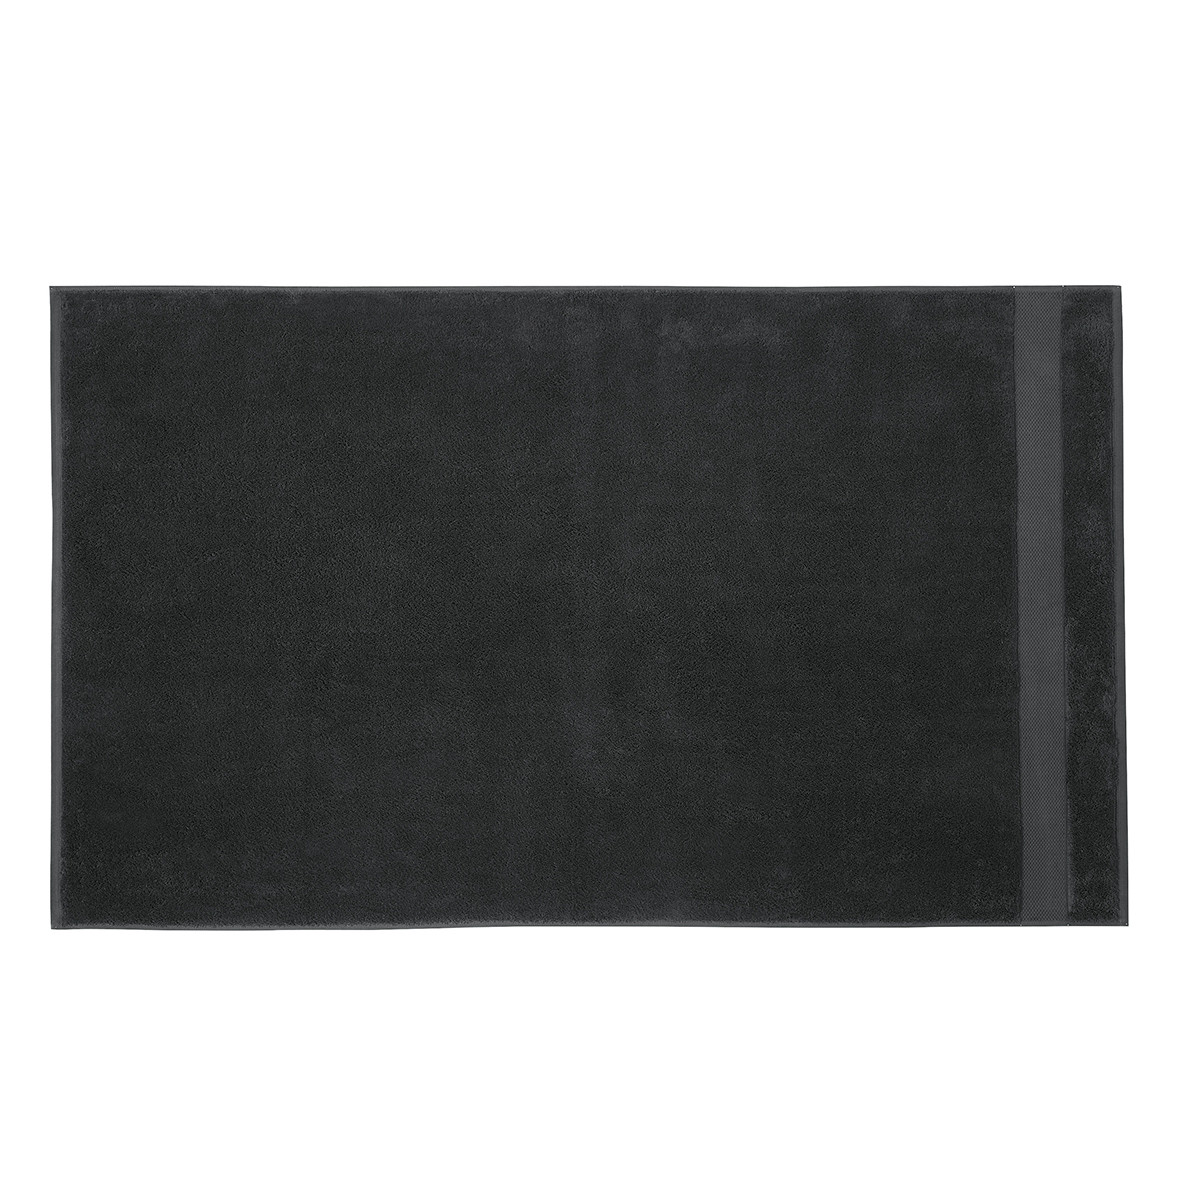 Drap de douche coton 70x140 cm poivre